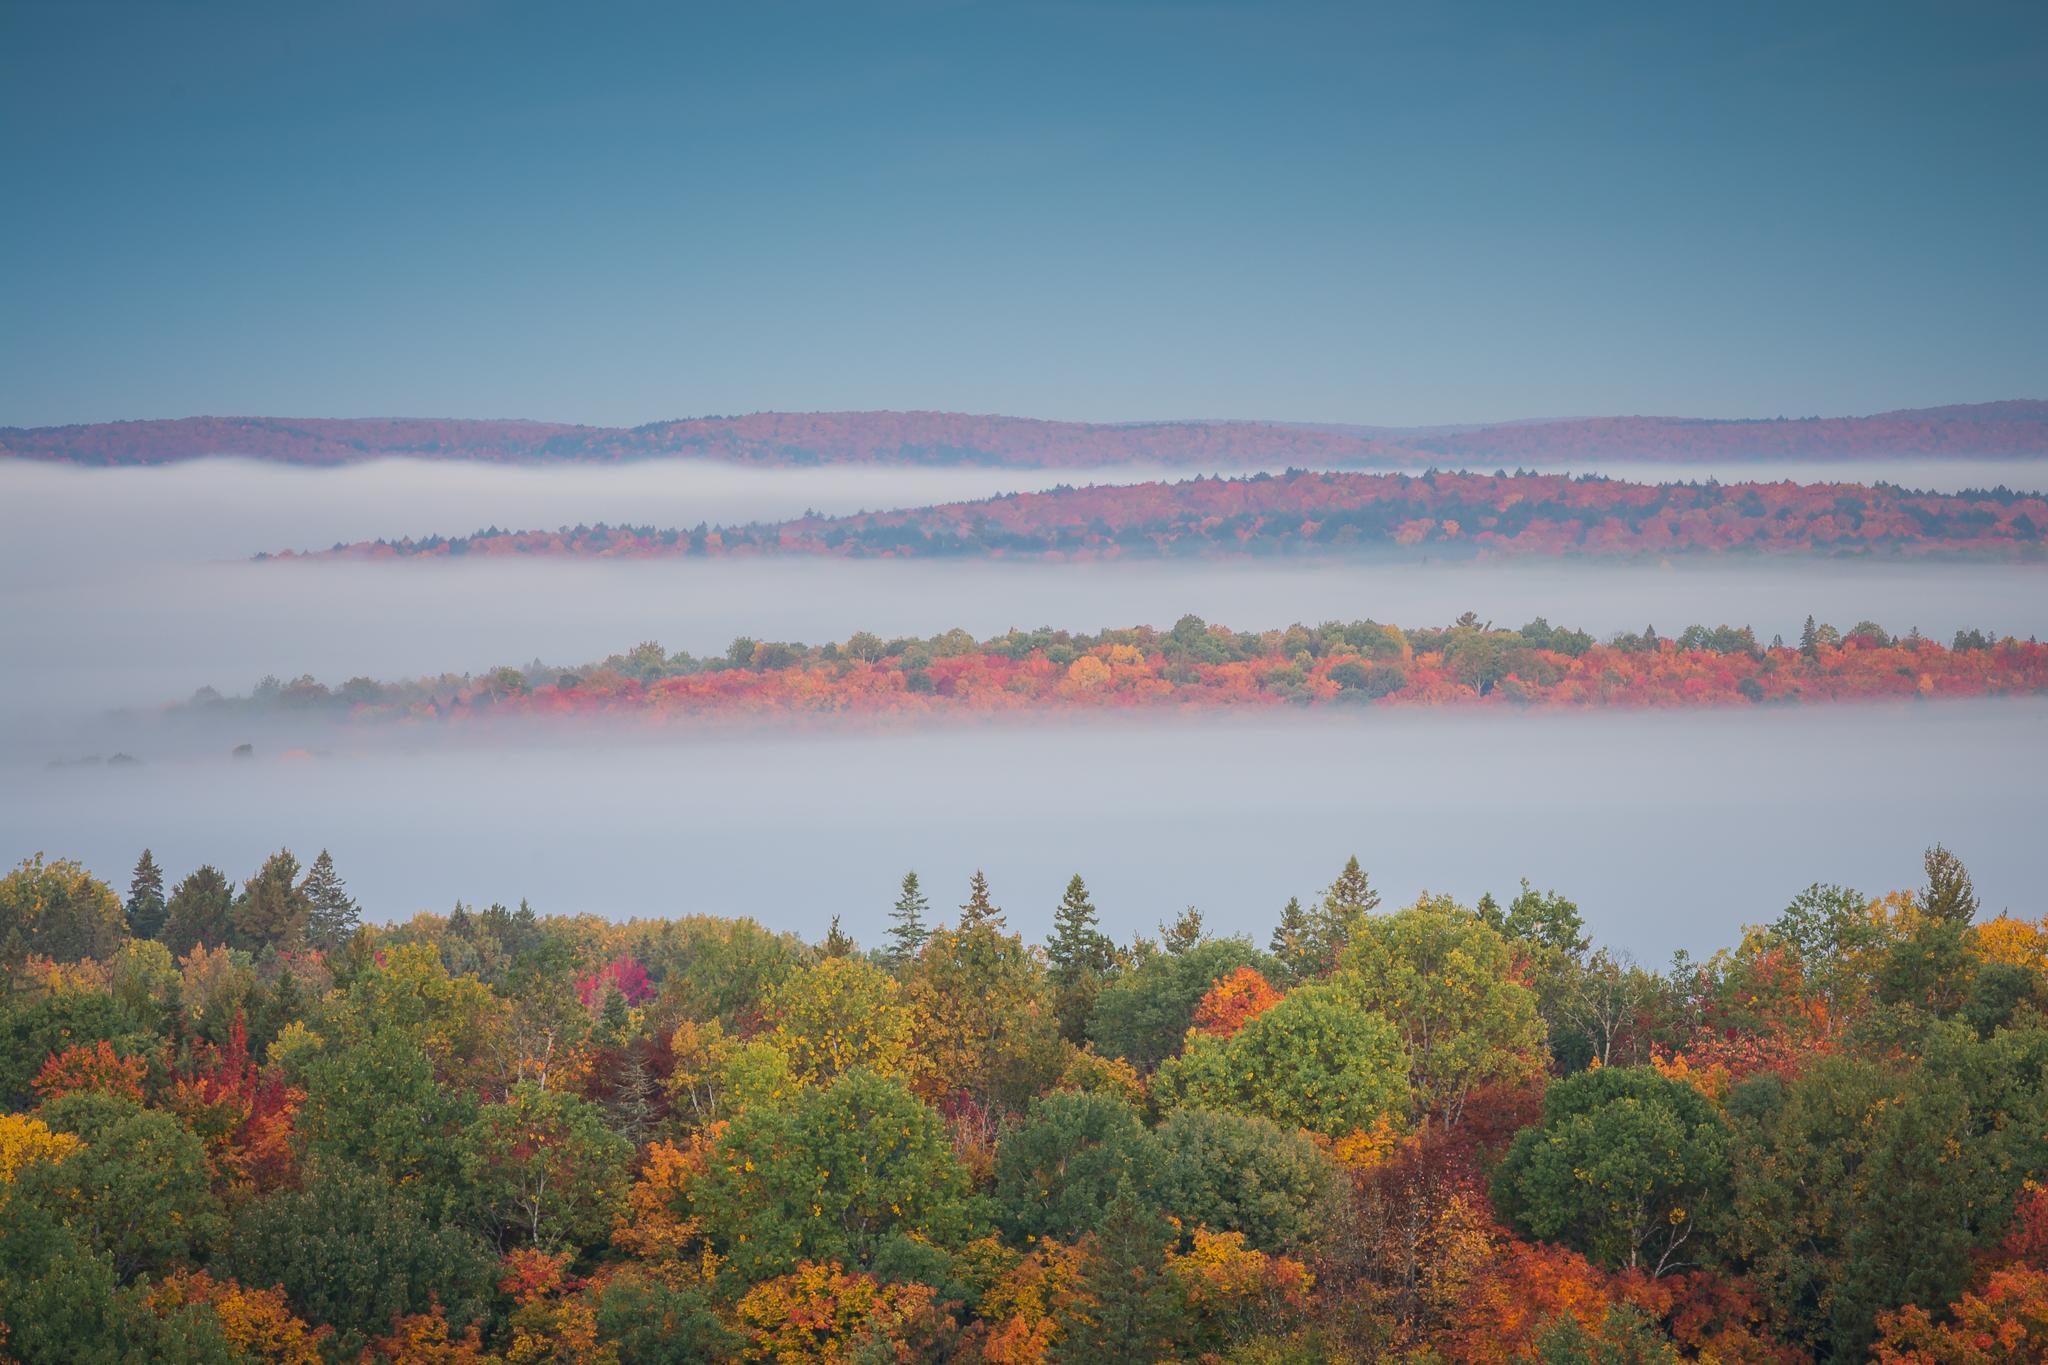 Morning Fog (25s, f/16, ISO100)